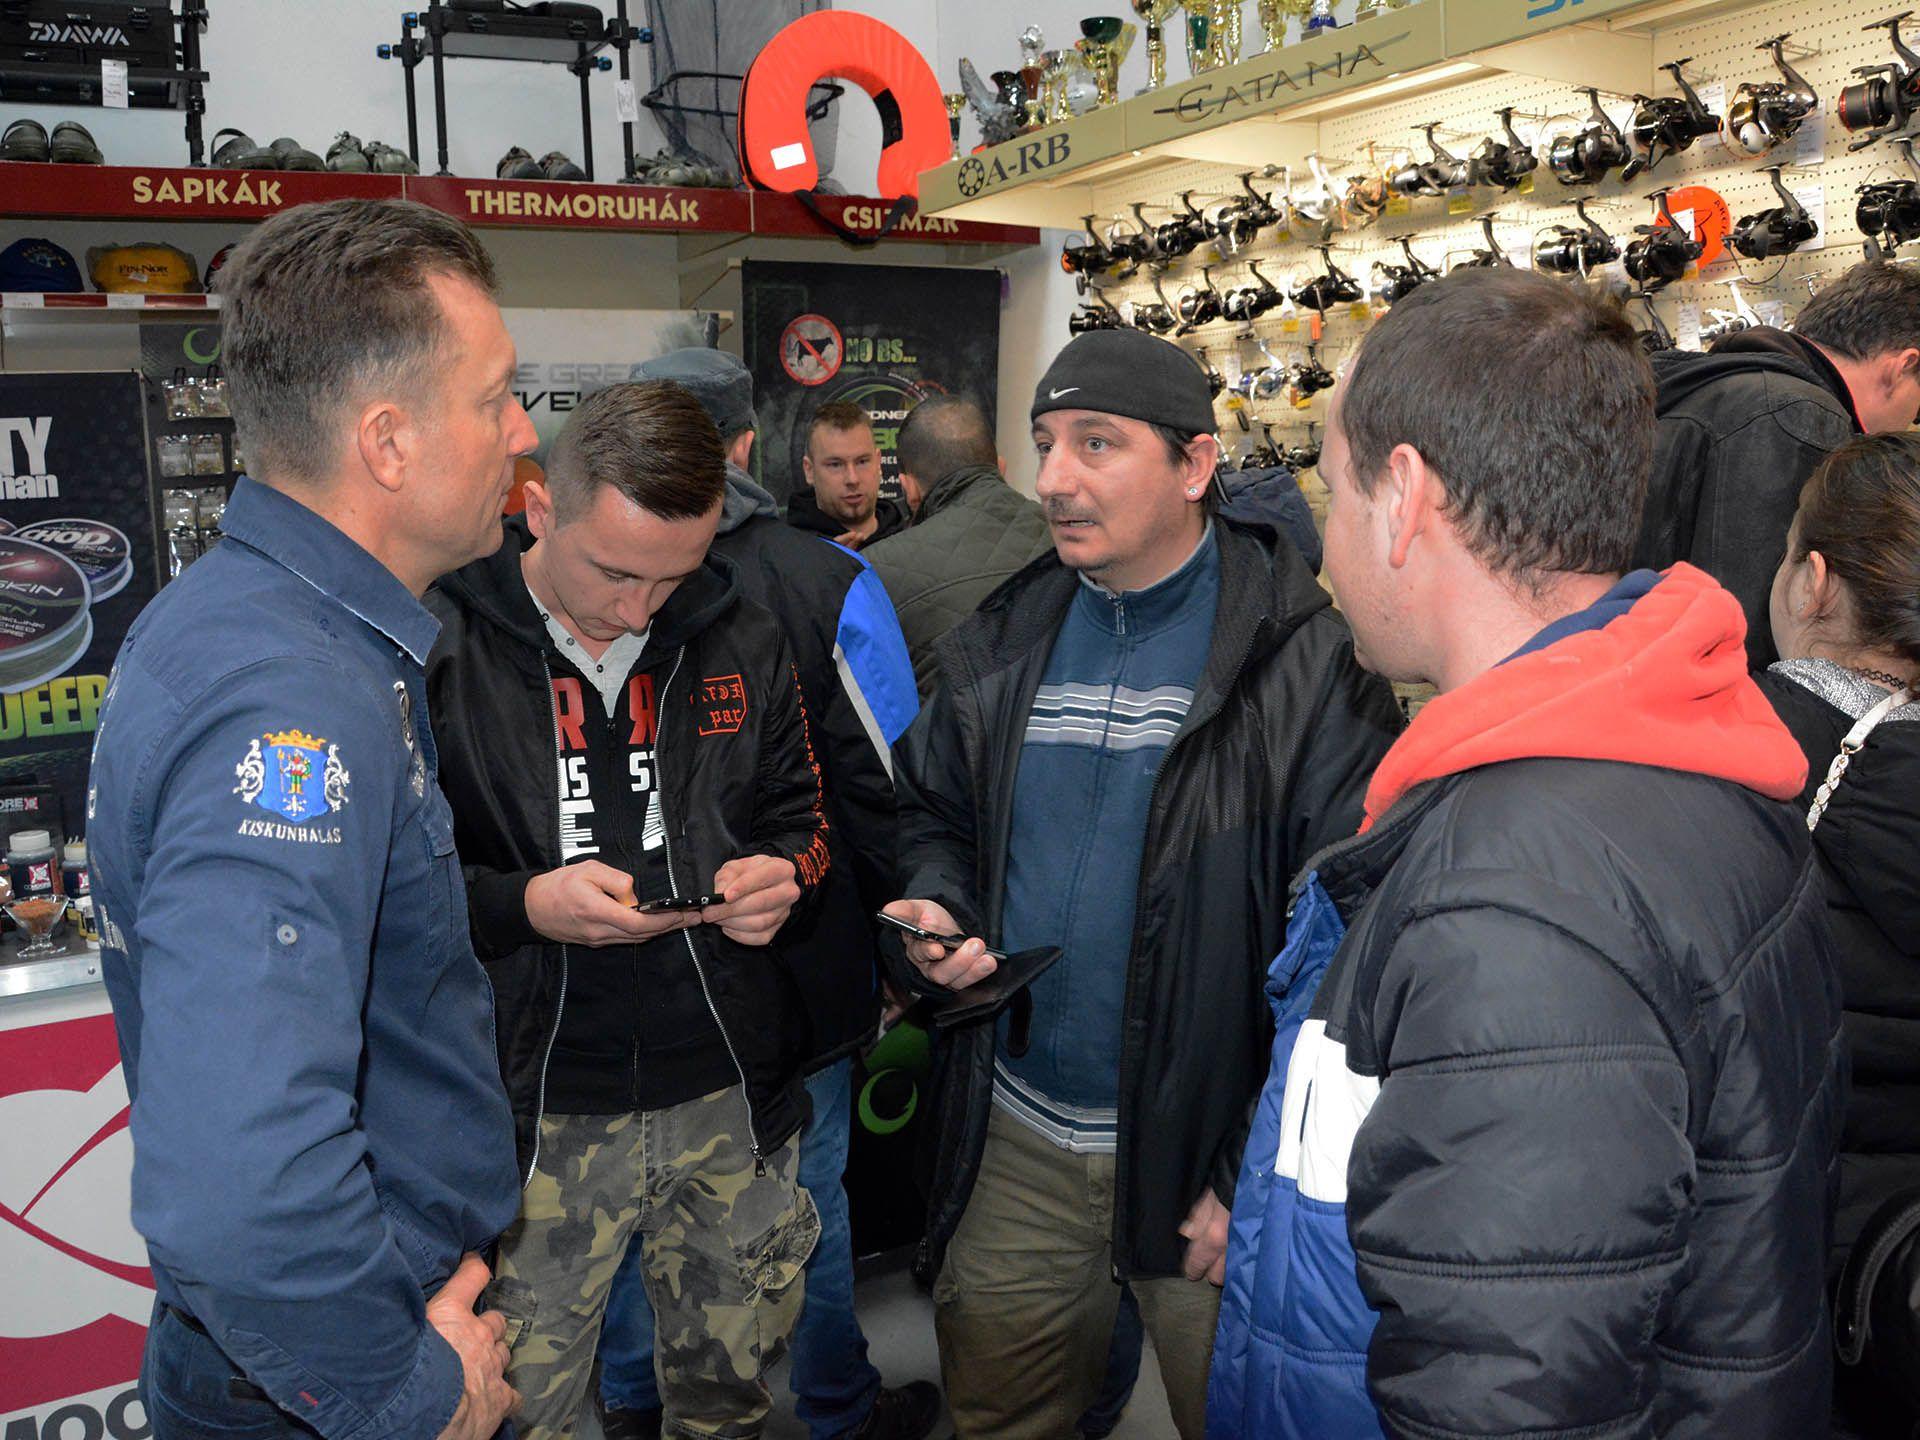 Eközben a Haldorádó Centrumban Döme Gábort is kérdésekkel bombázták a horgászok